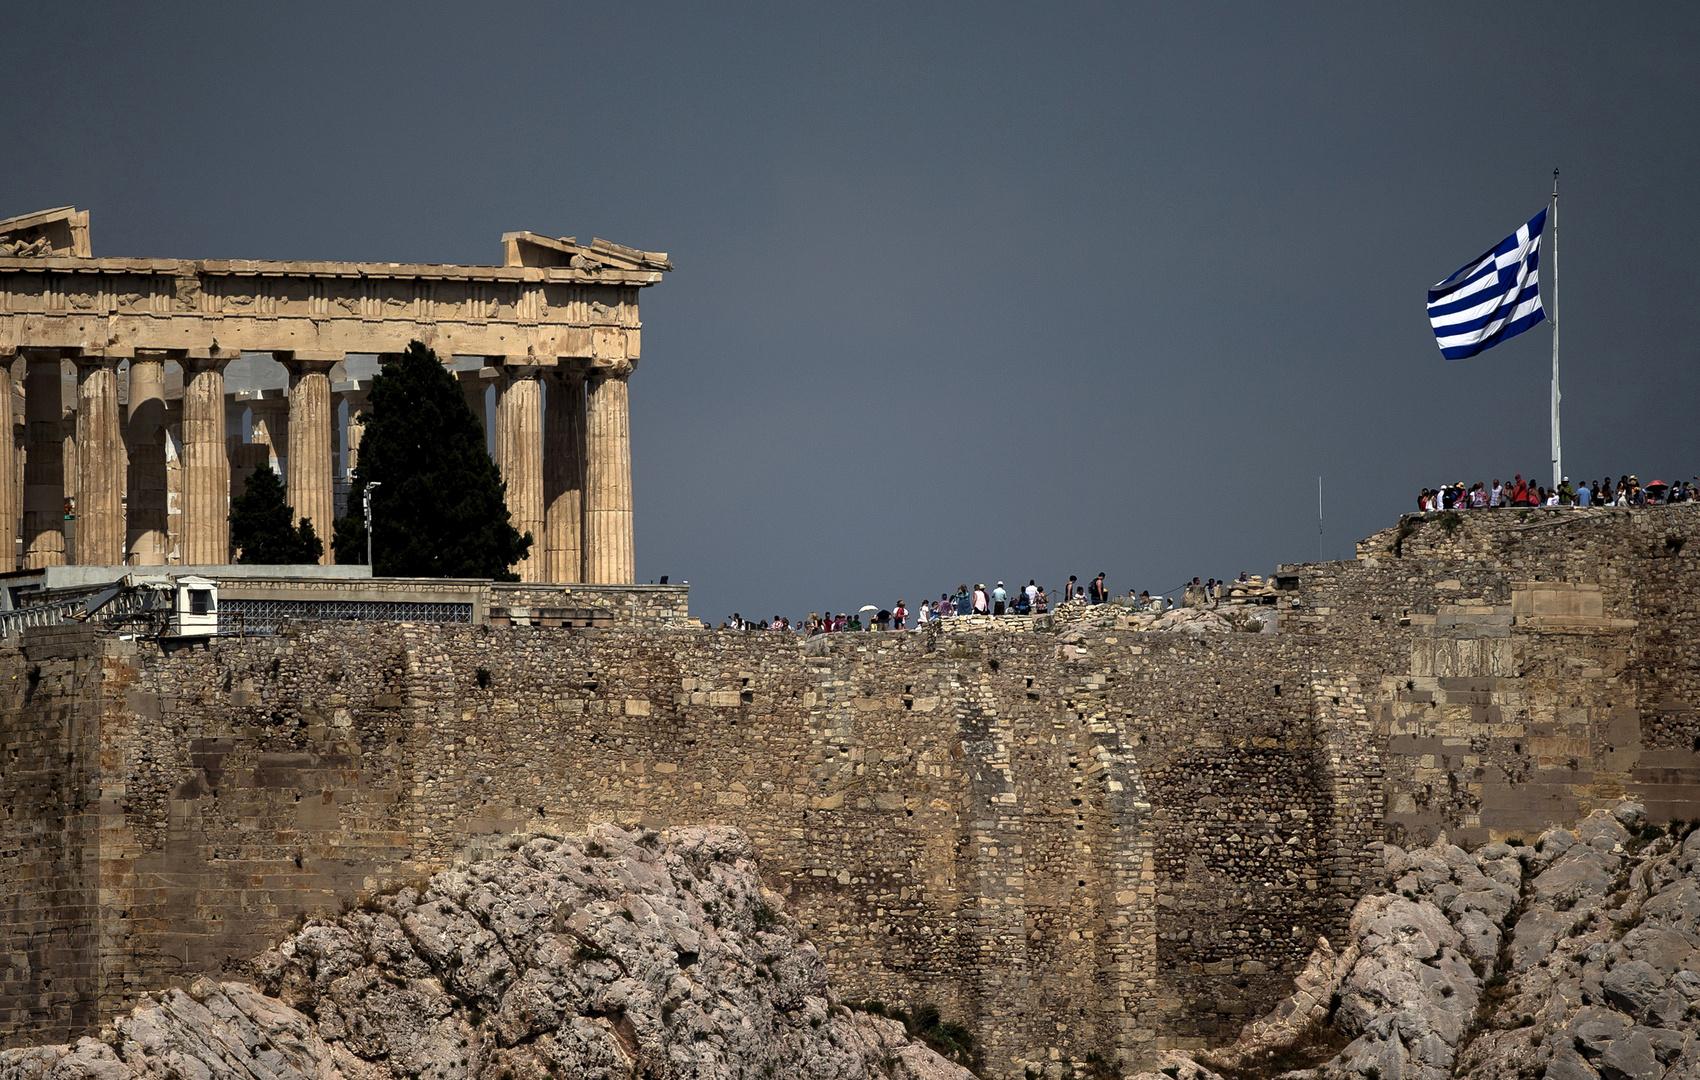 اليونان تتوعد تركيا: مستعدون لكل السيناريوهات ولا نخشى من أي شيء